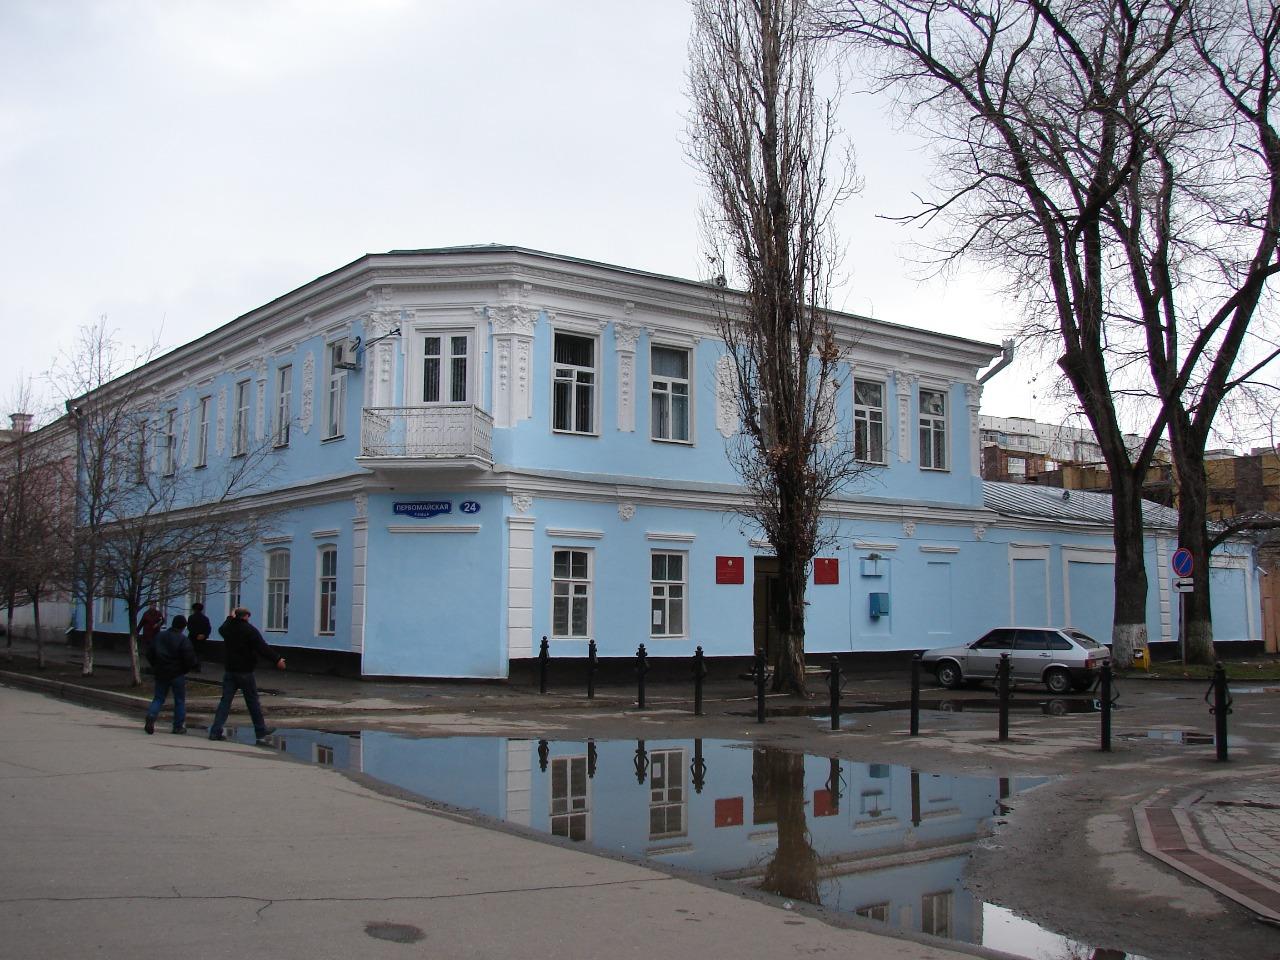 Помещение для фирмы Кренкеля улица коммерческая недвижимость рейтинг 2009